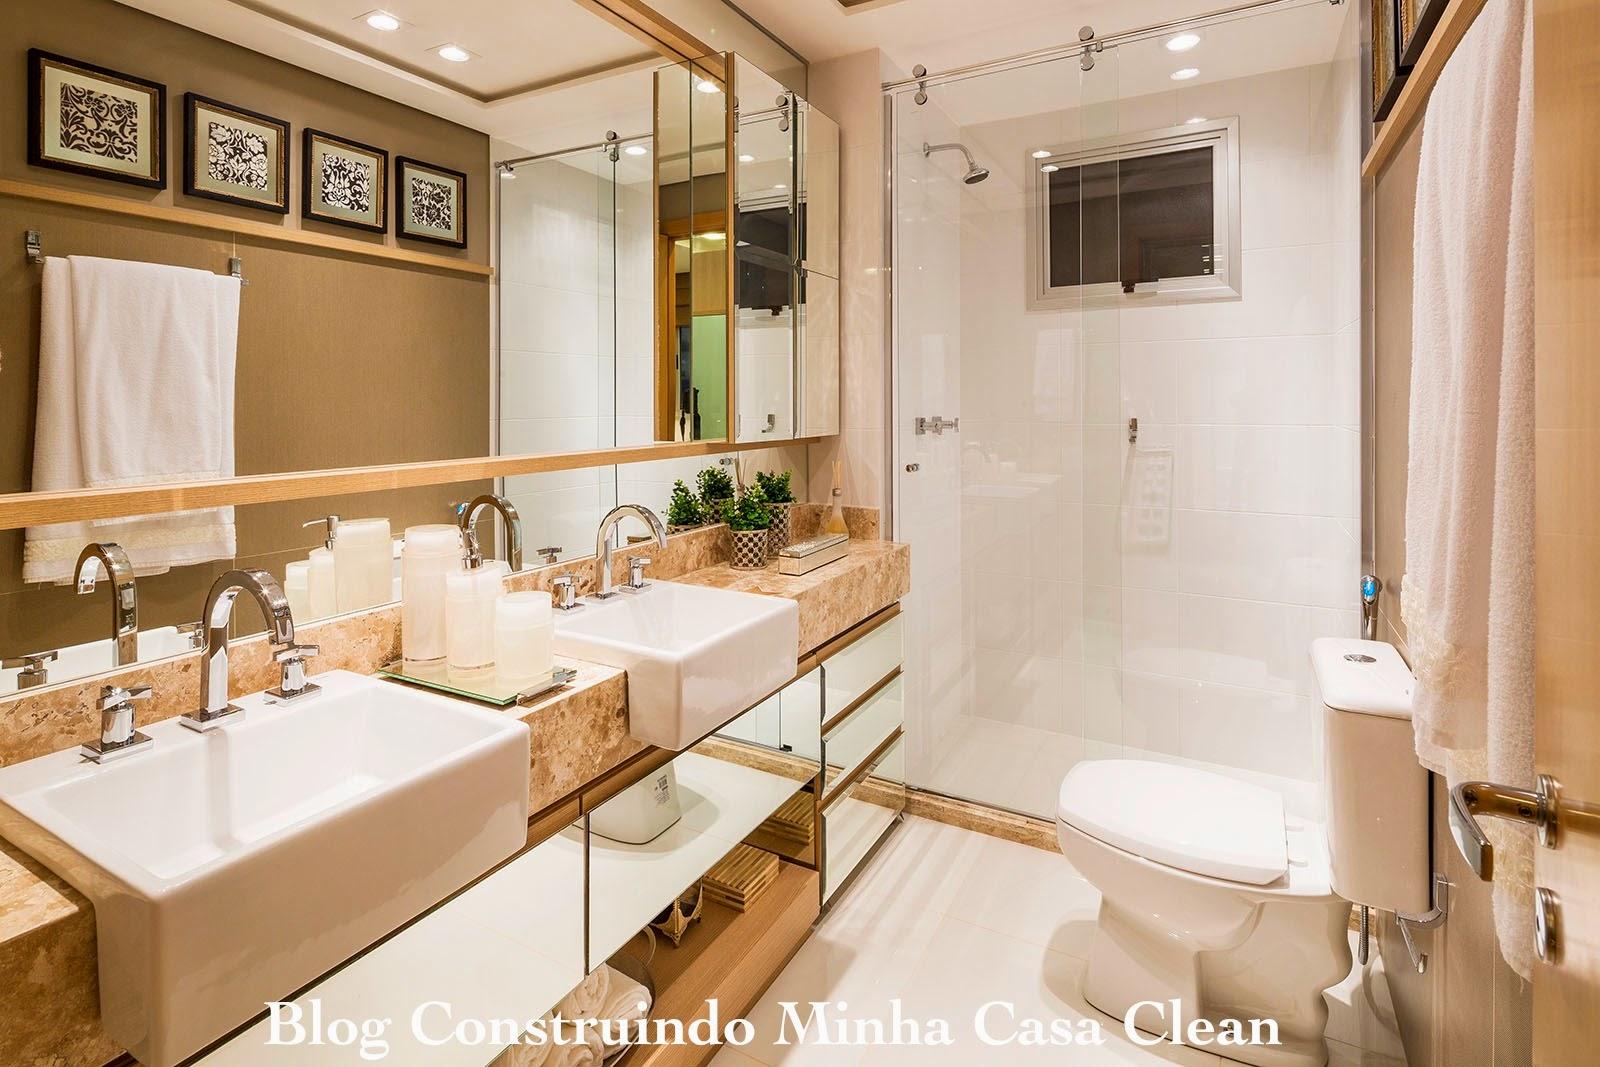 #495B1A Construindo Minha Casa Clean: Banheiros para Casais!!! Veja Dicas para  1600x1067 px Banheiros Modernos Decorados Com Pastilhas De Vidro 739